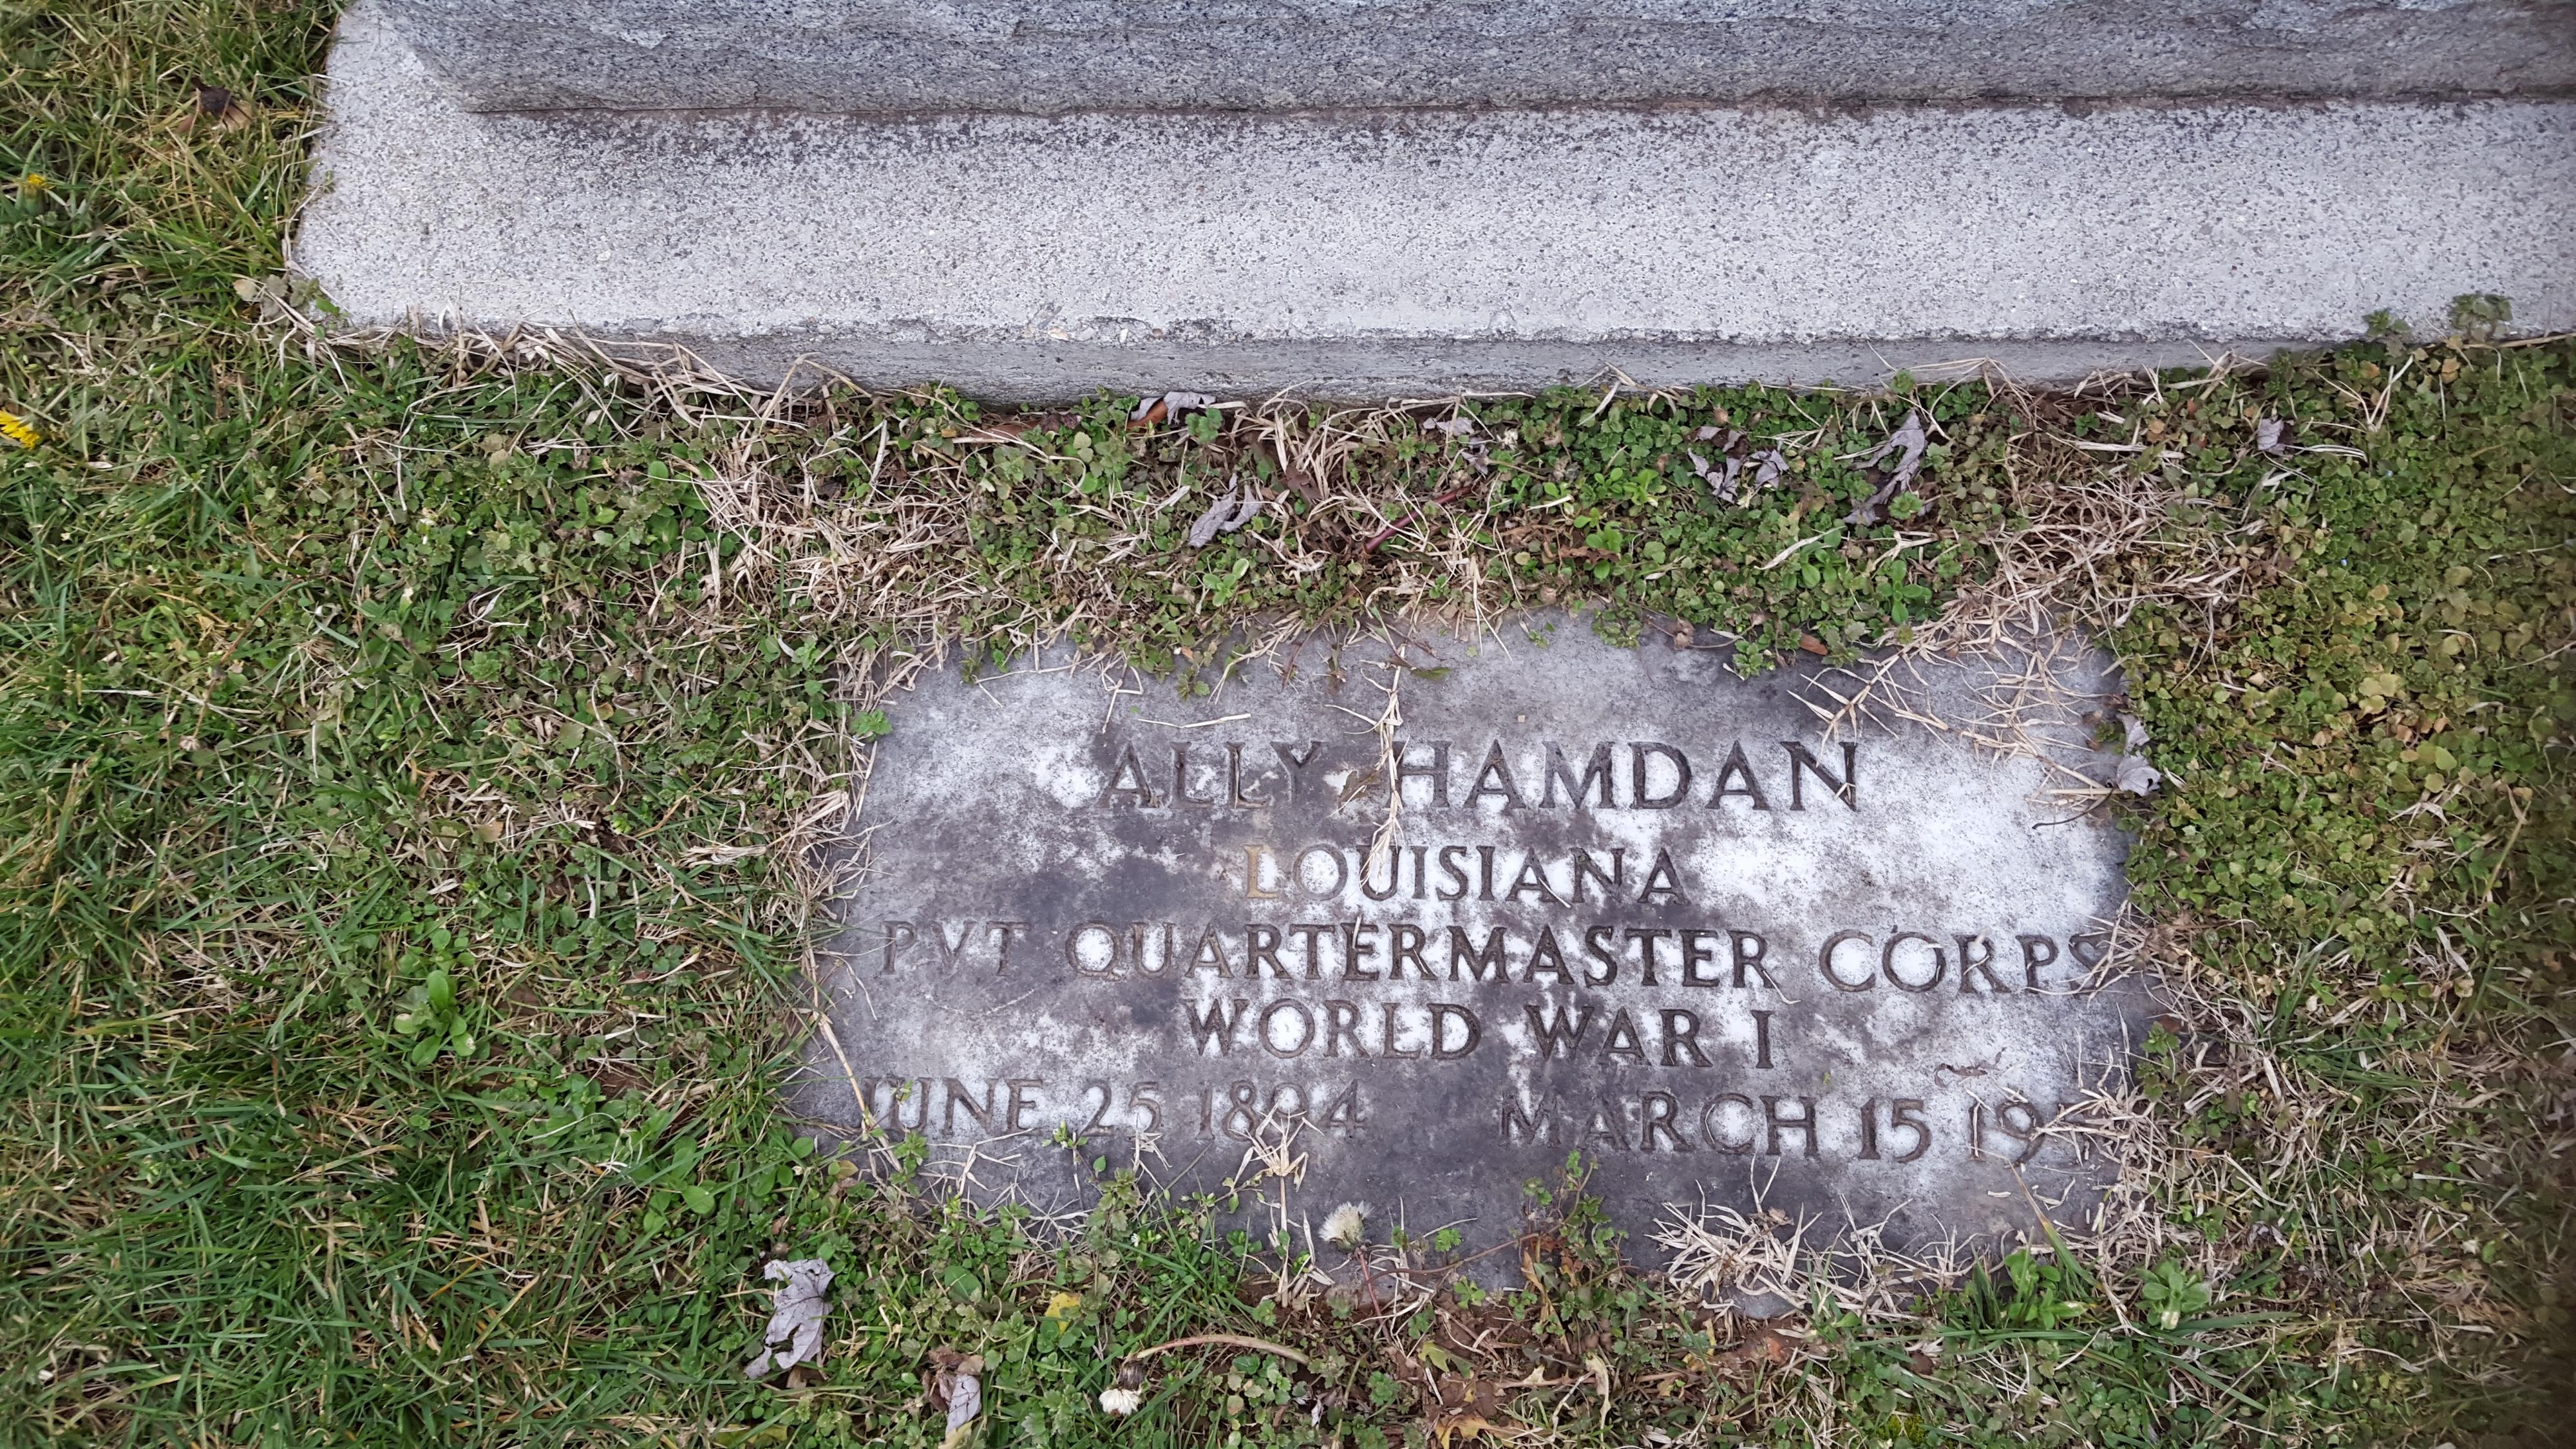 Fatima Hamdan